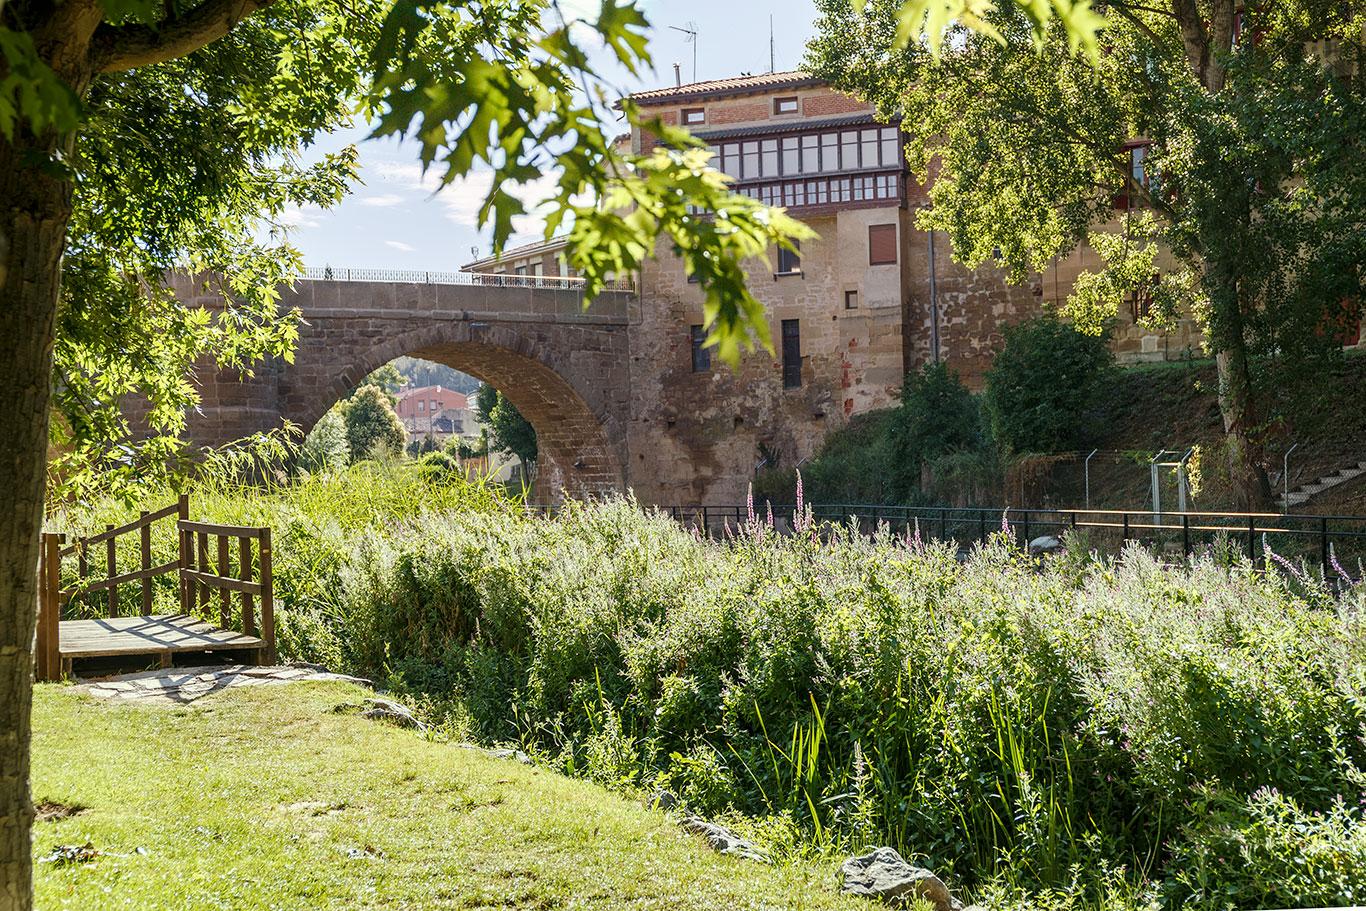 Cuzcurrita de Río Tirón fomenta el turismo seguro a través de herramientas digitales innovadoras 11